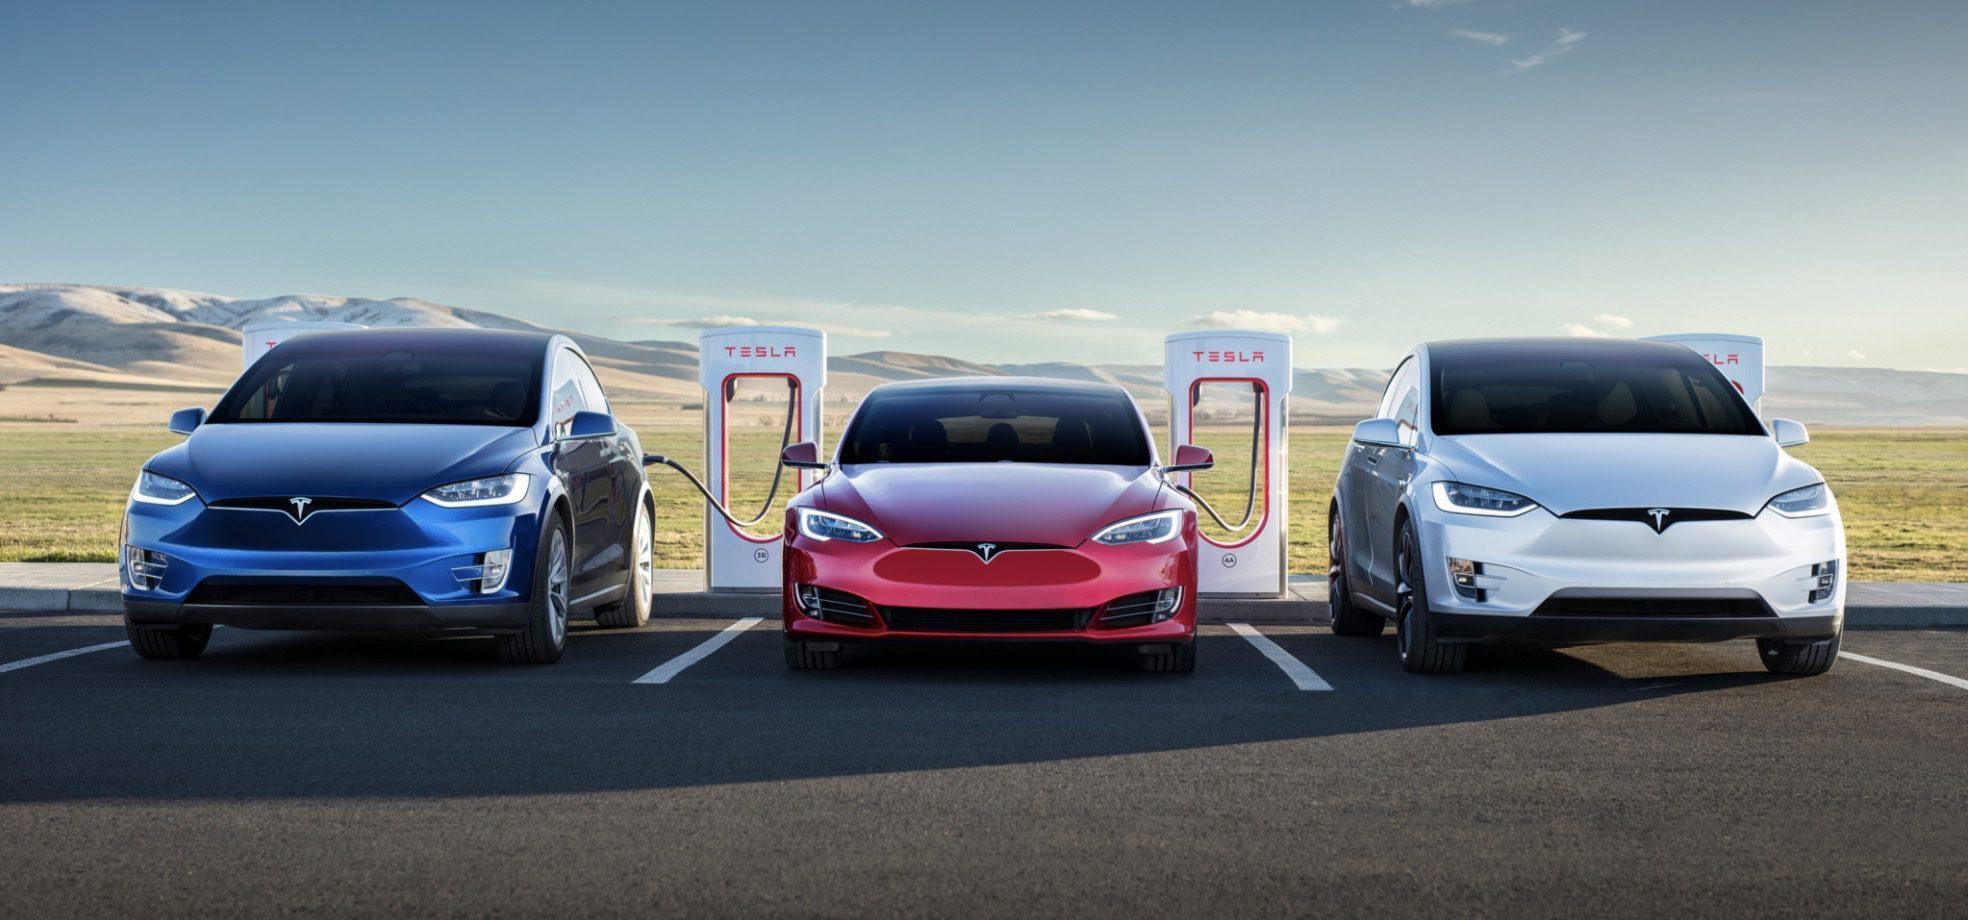 Tesla смогла реализовать более 88 тыс. машин в первом квартале 2020 года